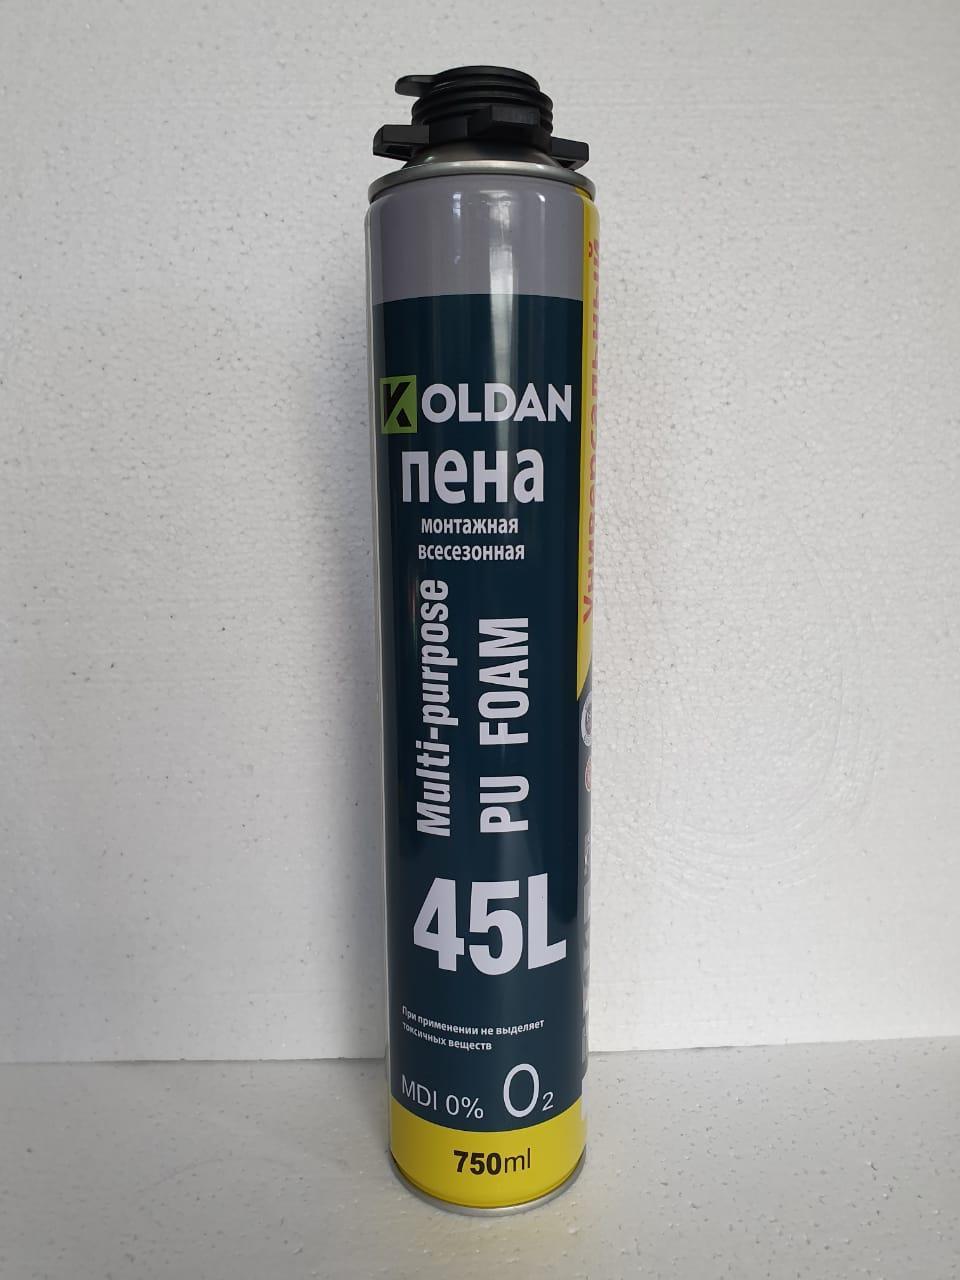 Пена универсальная всесезонная KOLDAN (45л)